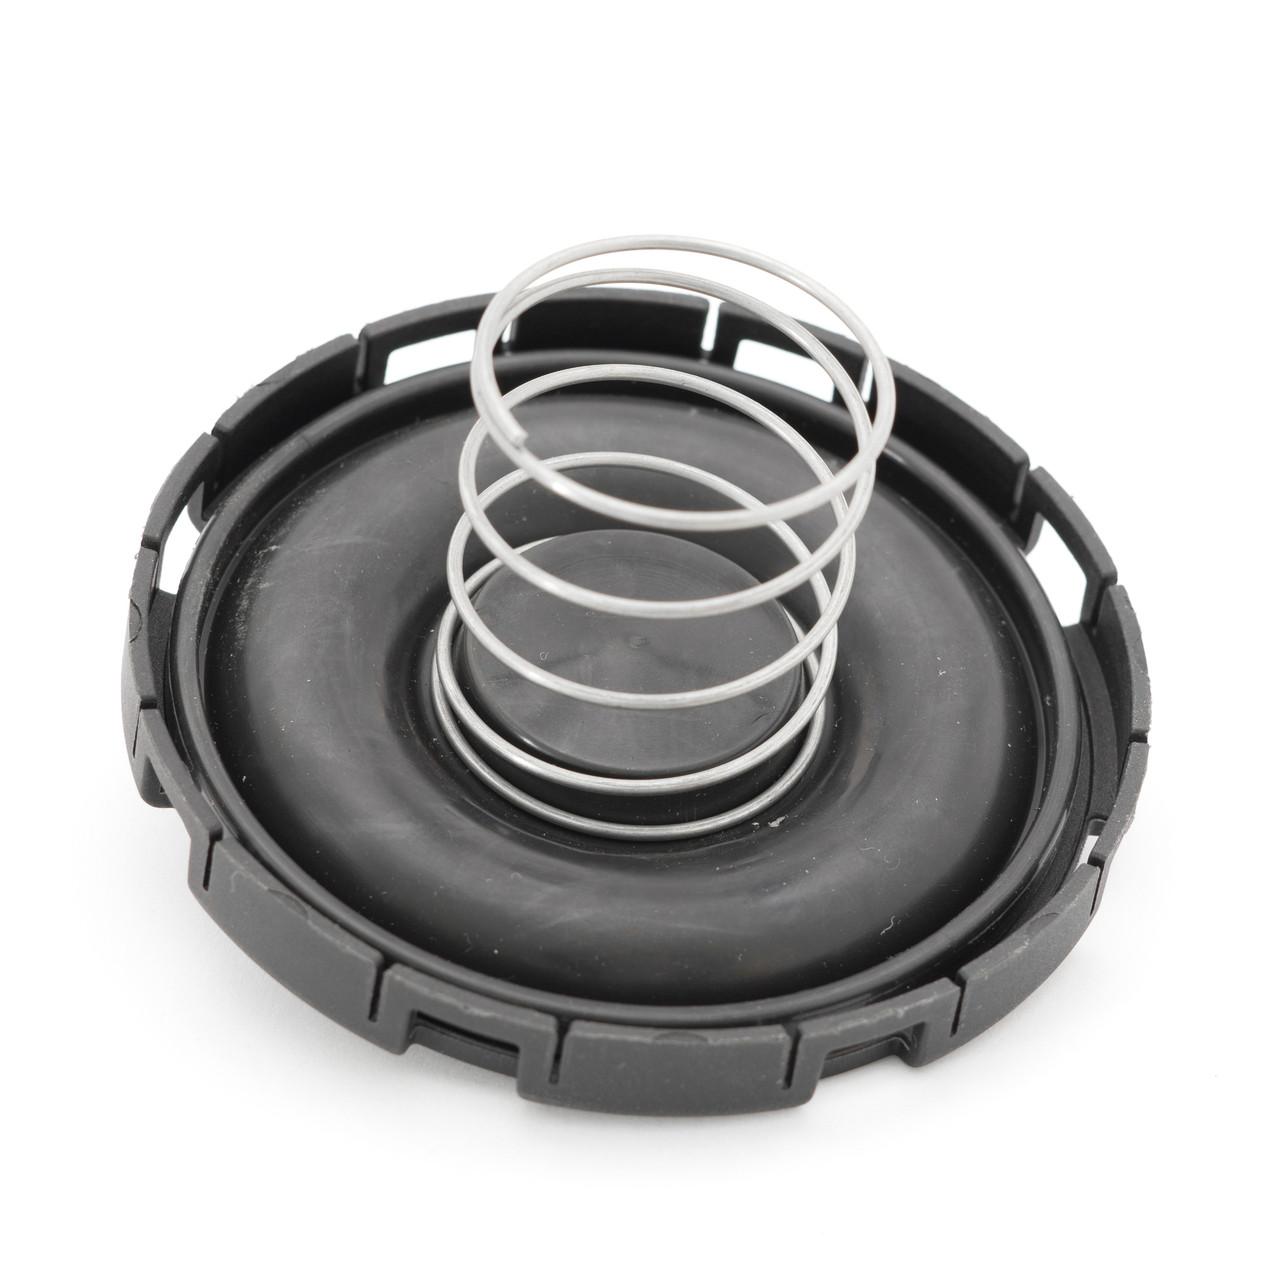 Клапан вентиляции картерных газов для BMW N57 N57N 11127823181, фото 1